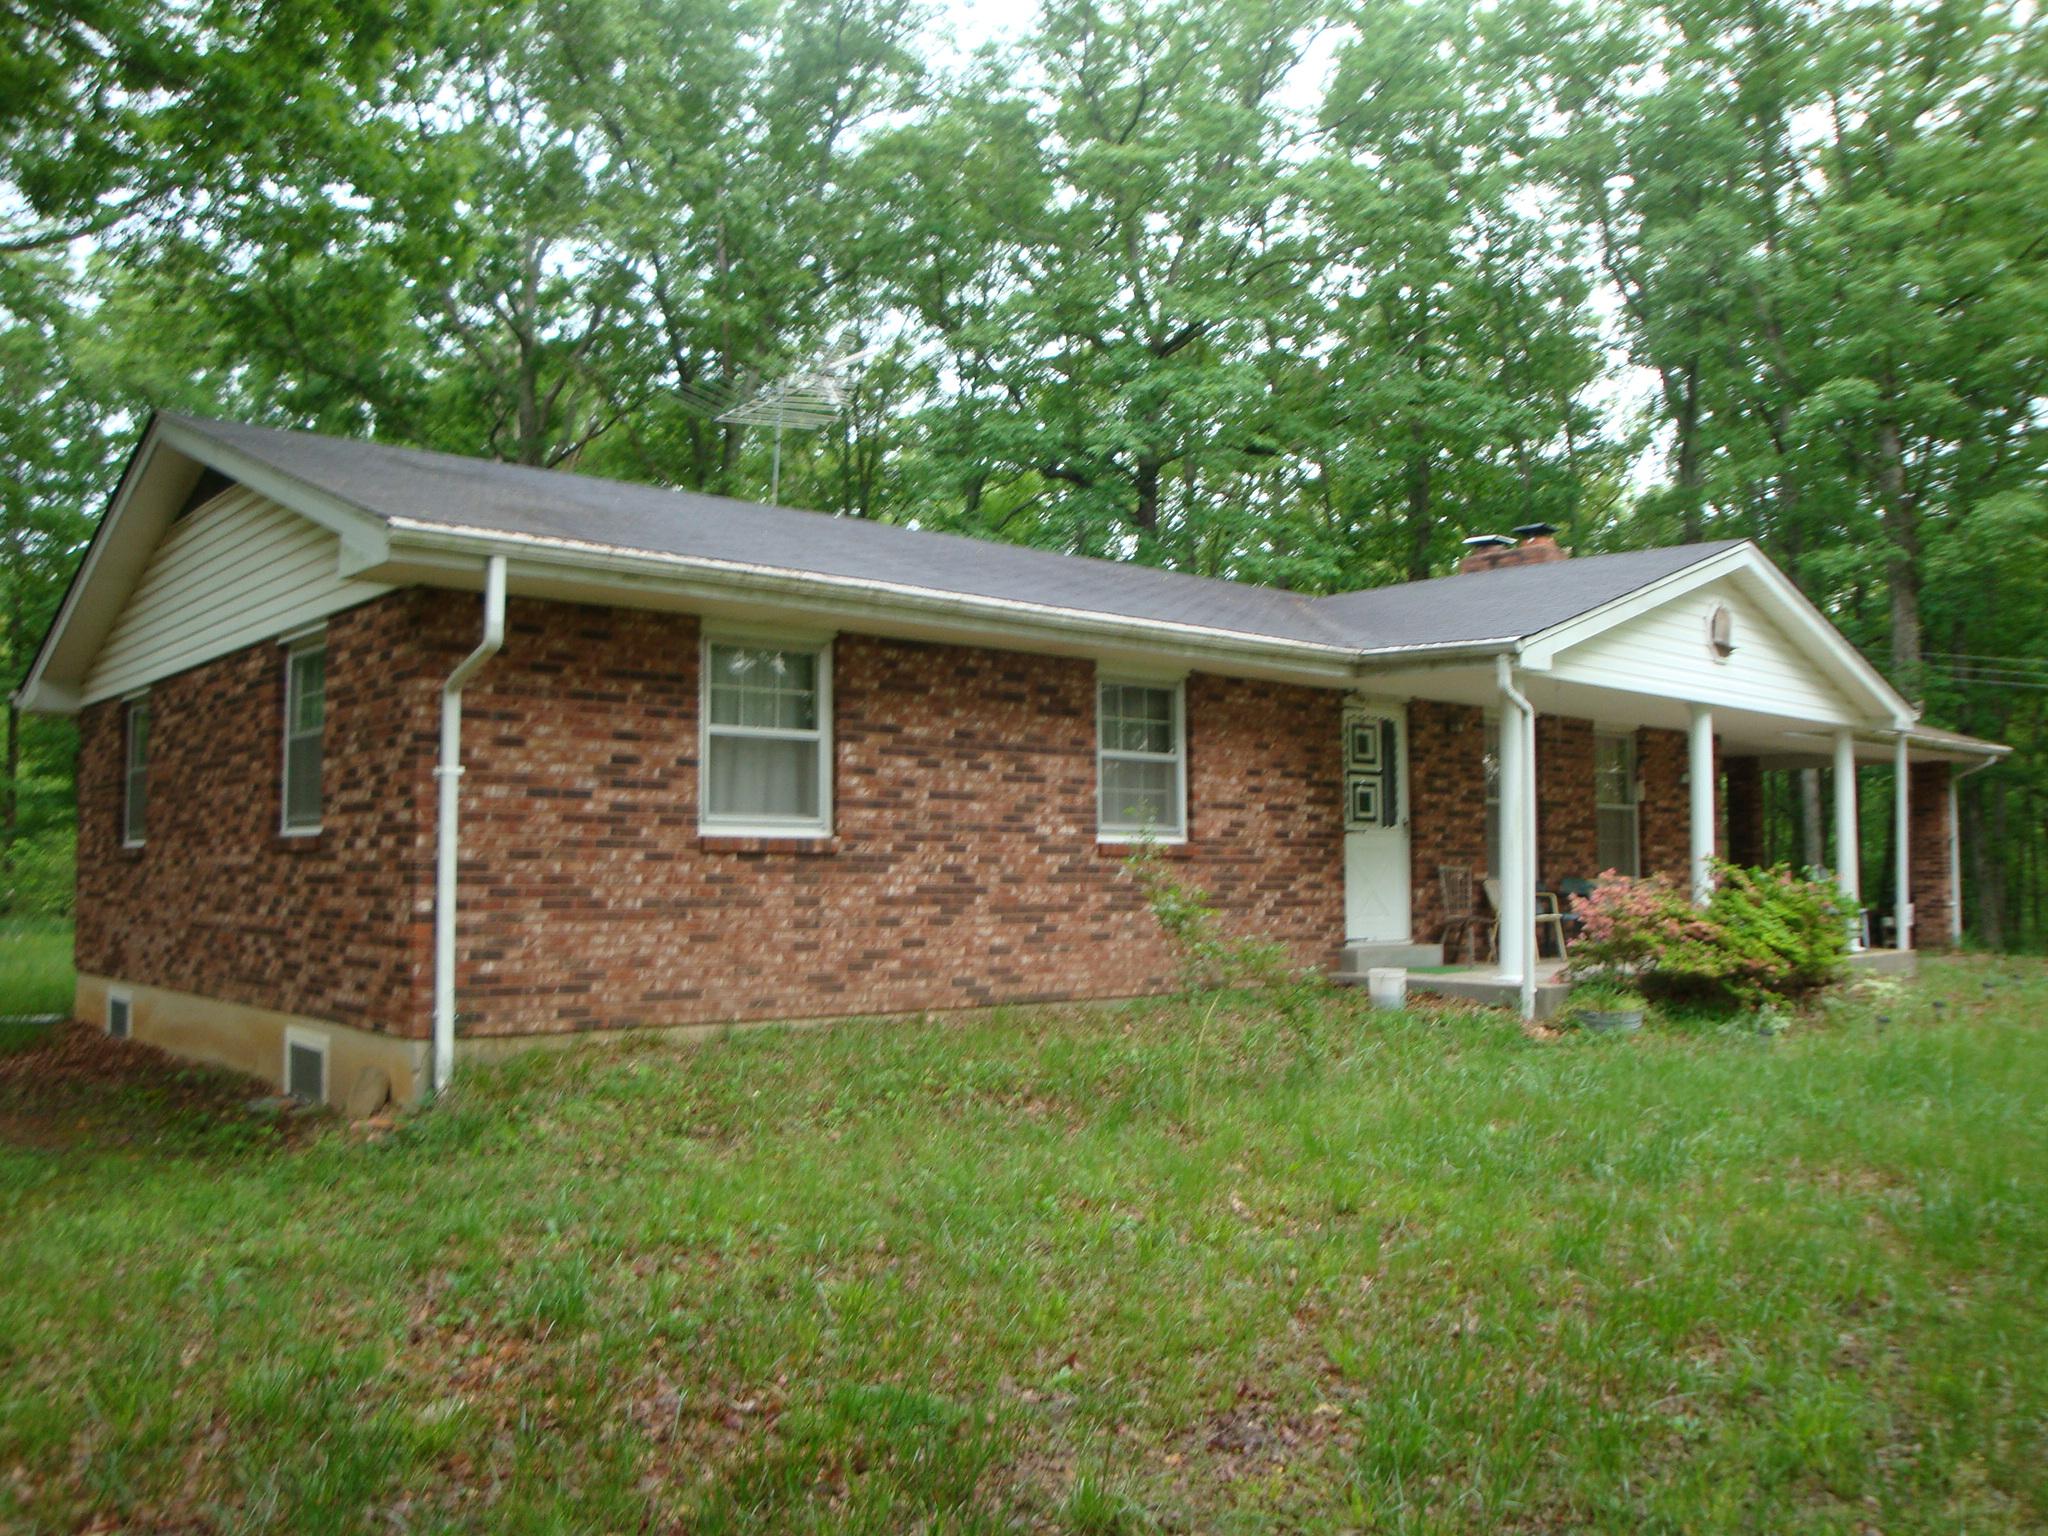 766 Buck Mountain Road, Doe Run, Missouri 63637